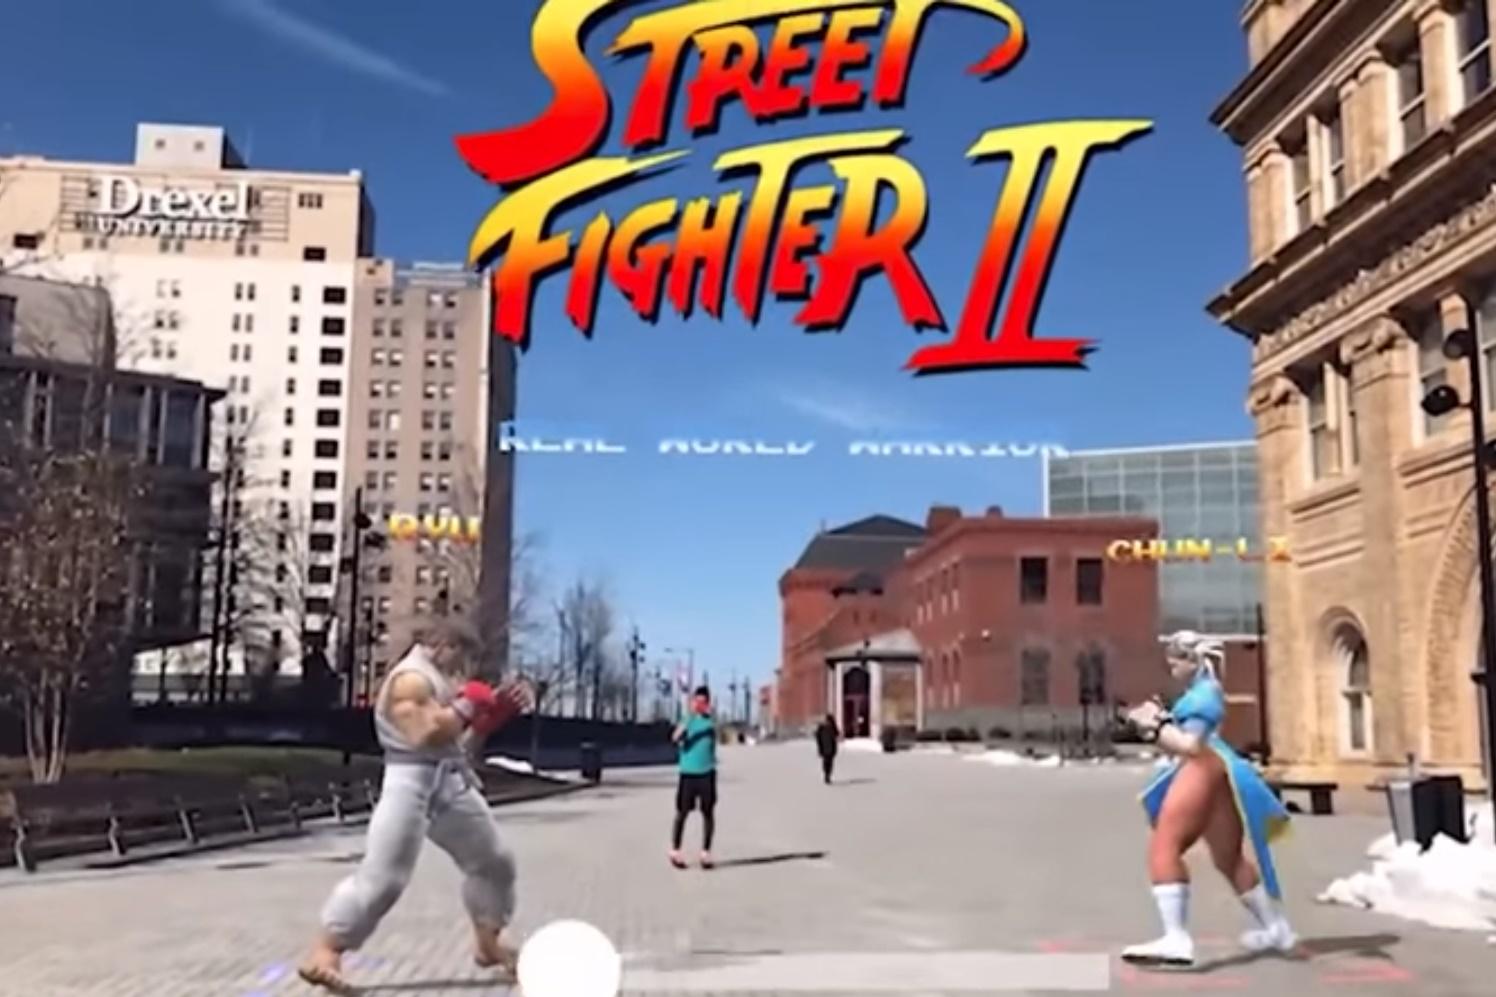 Imagem de Vídeo mostra Street Fighter II não oficial em realidade aumentada no tecmundo